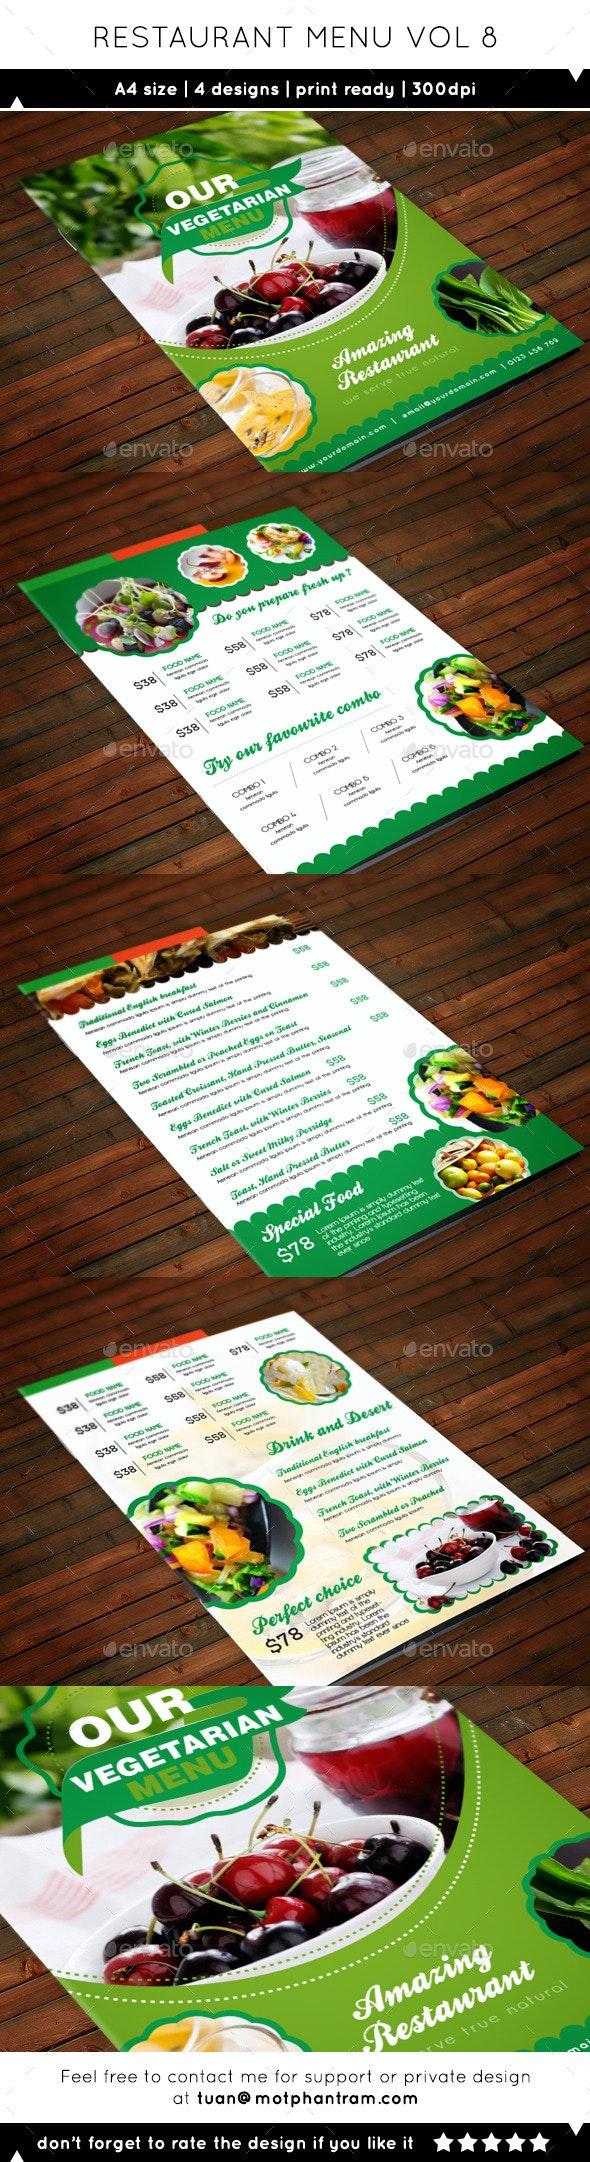 Restaurant Menu A4 Vol8 - Food Menus Print Templates